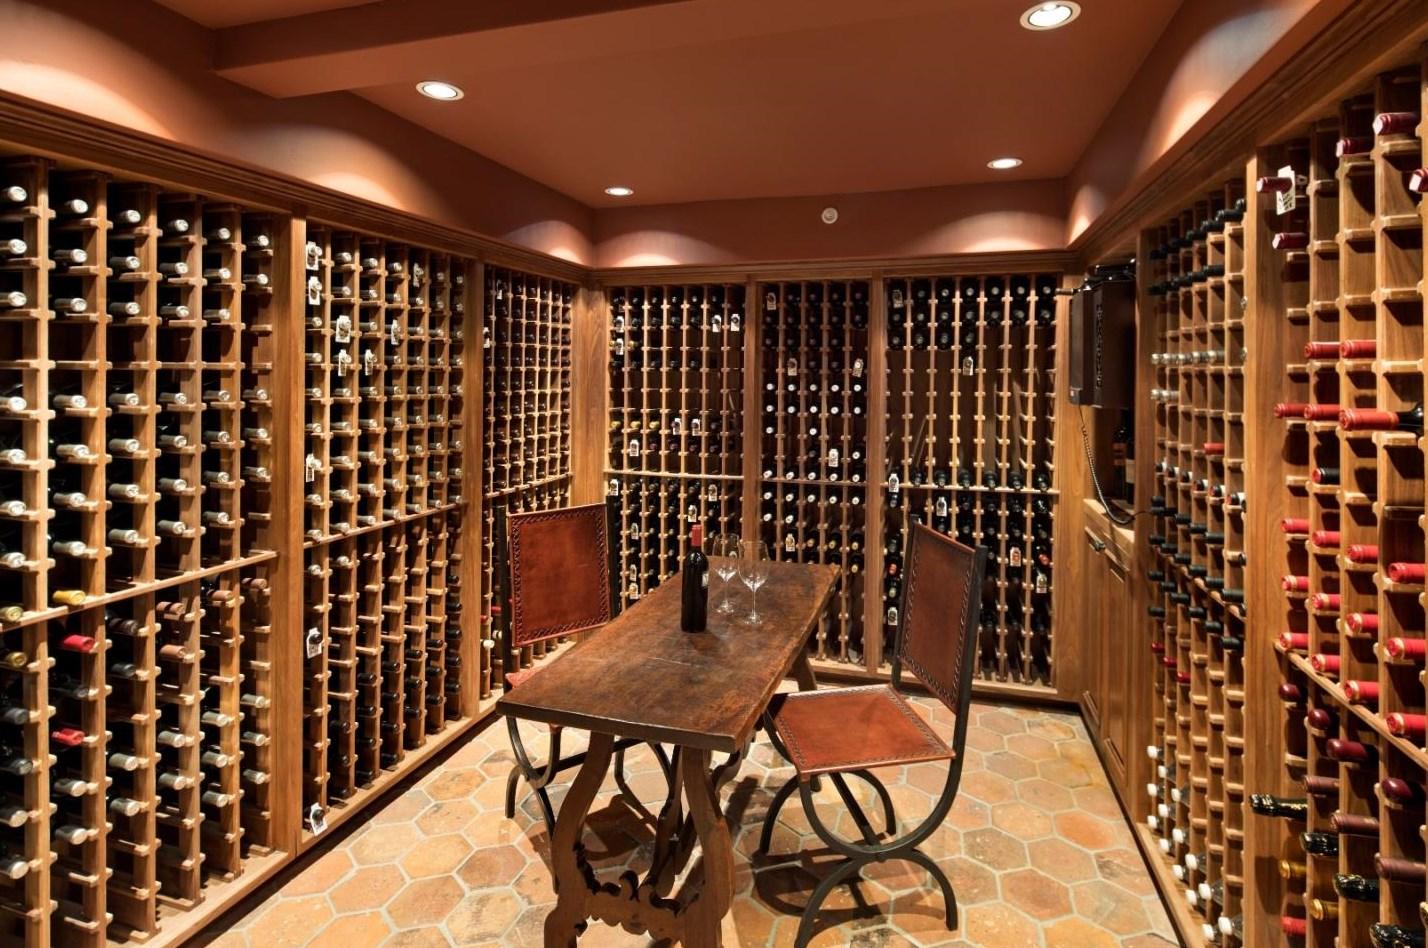 1600 fľaší vína sa zmestí do obrovskej pivnice - svetapple.sk